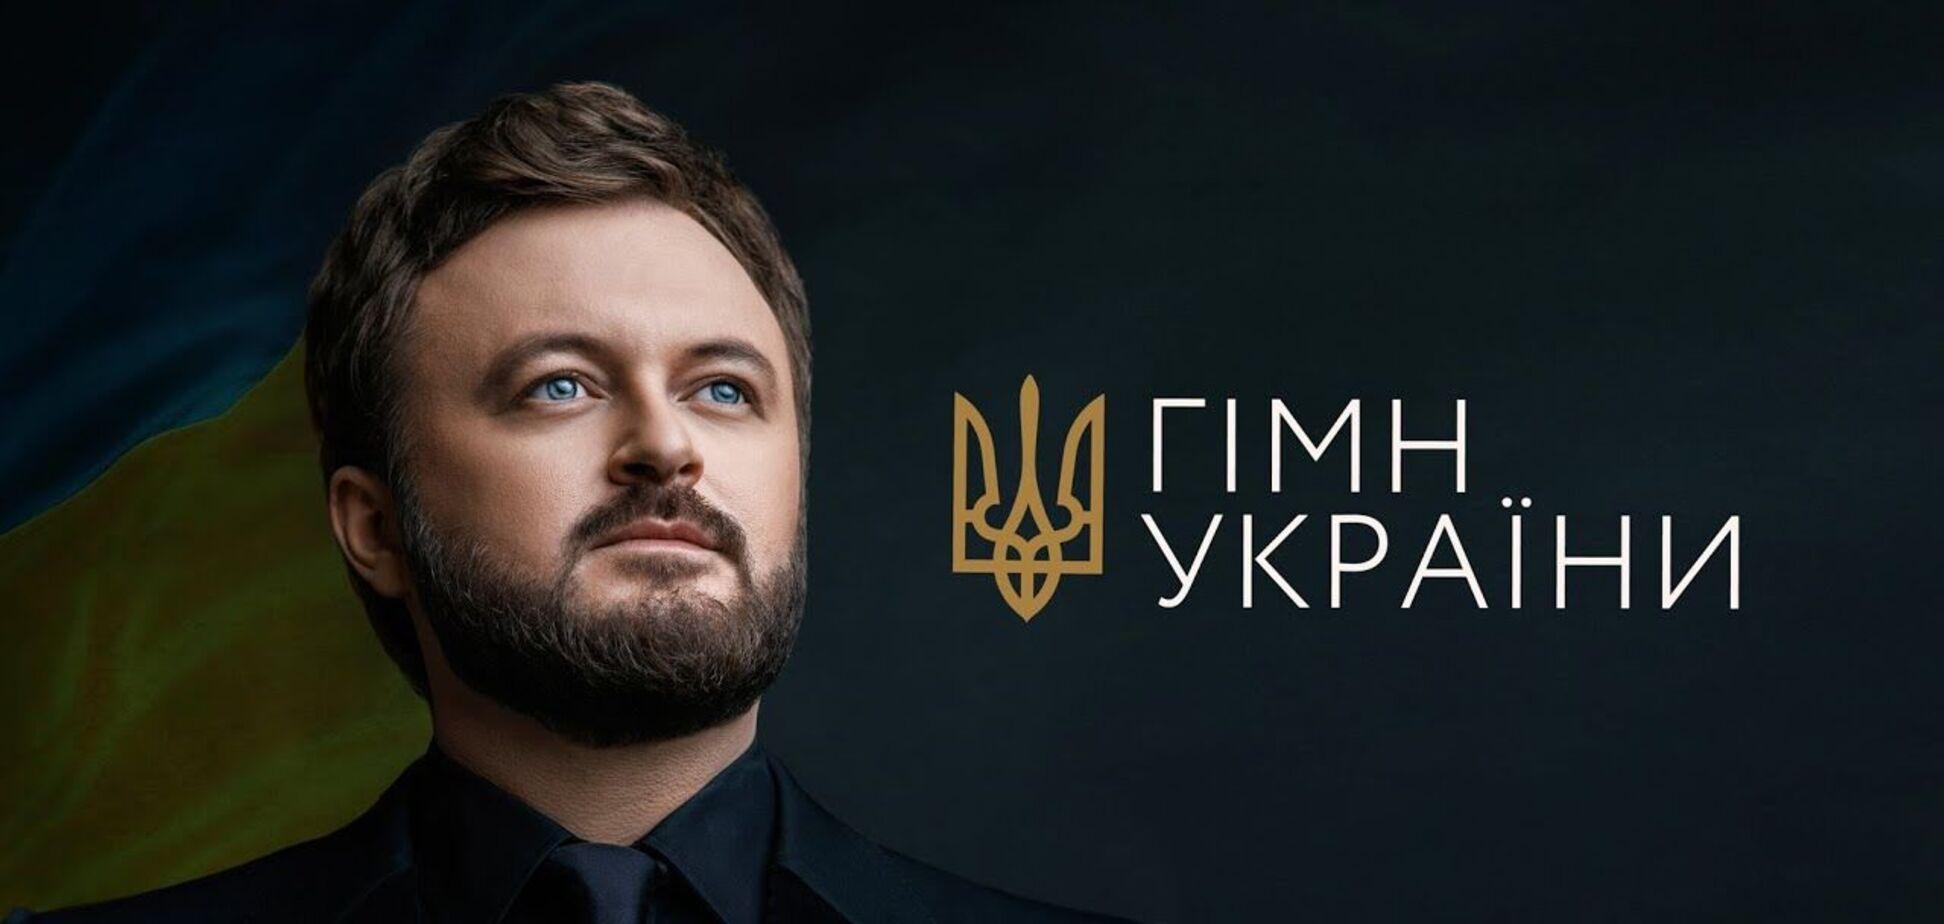 Исполнение Гимна Украины певцом DZIDZIO восхитило сеть